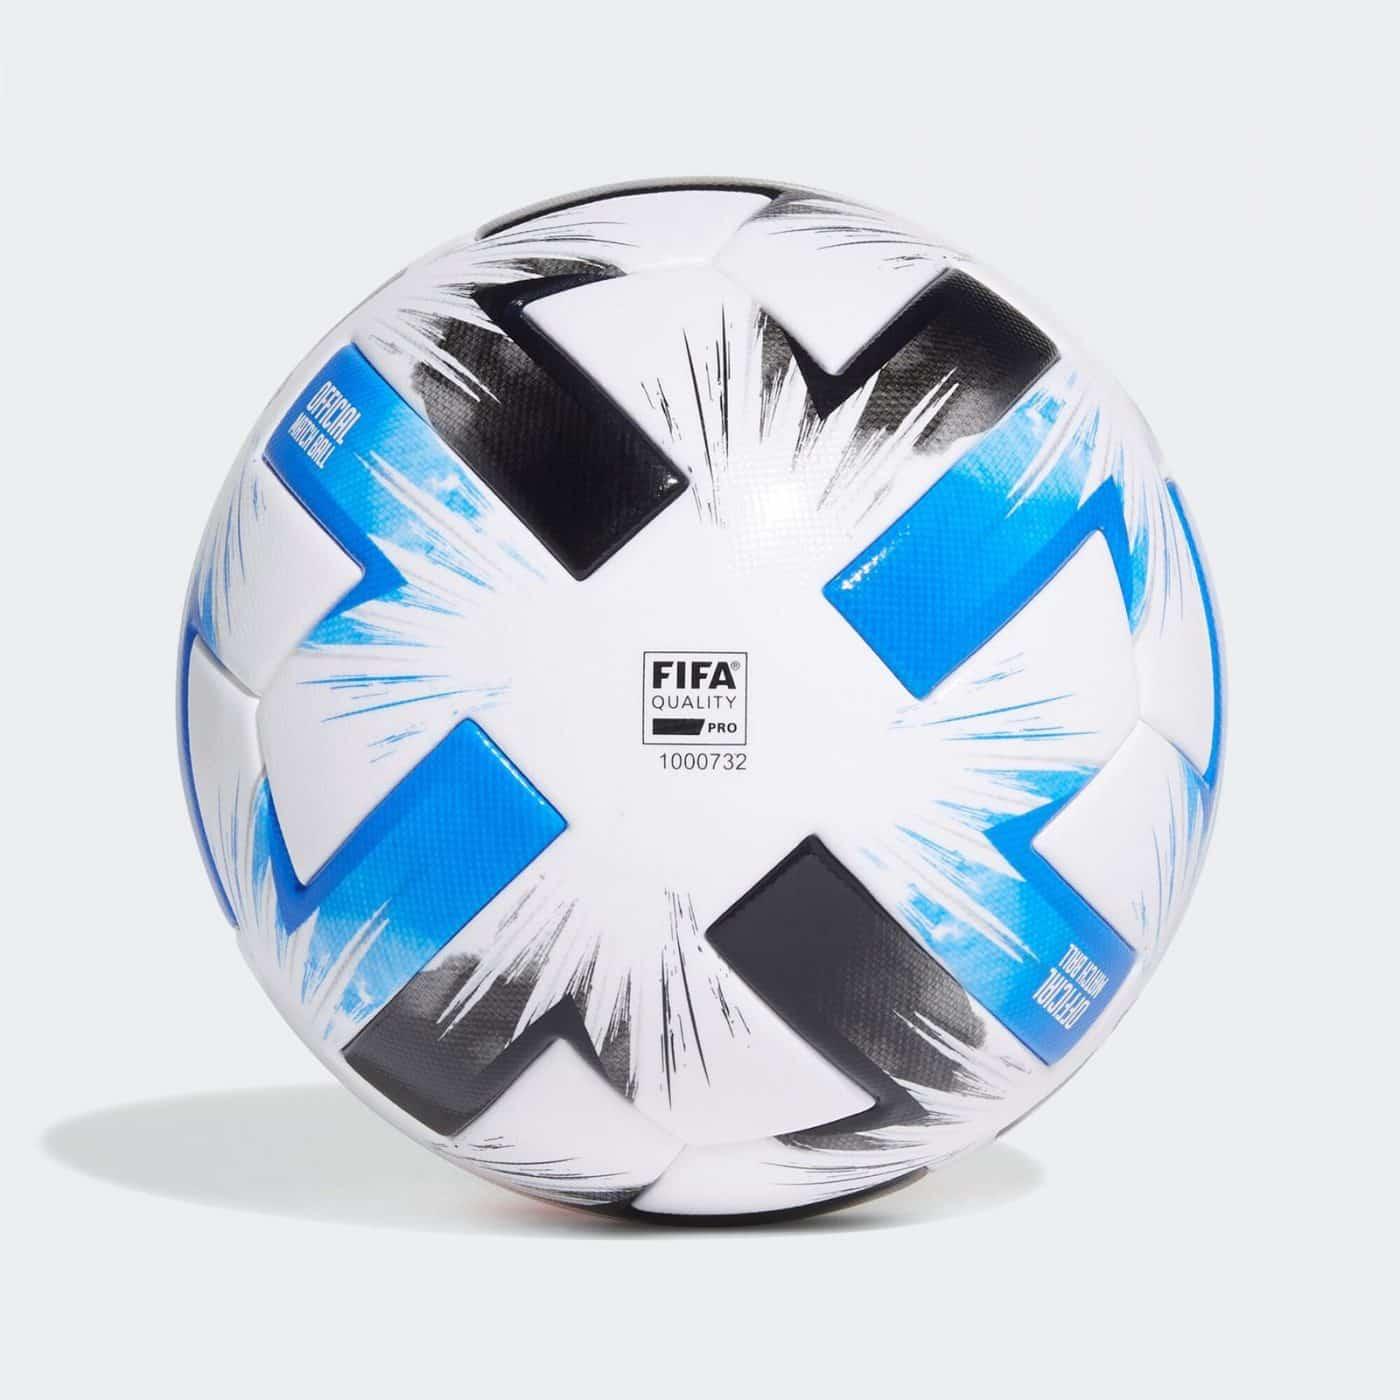 ballon-coupe-du-monde-des-clubs-fifa-2020-2